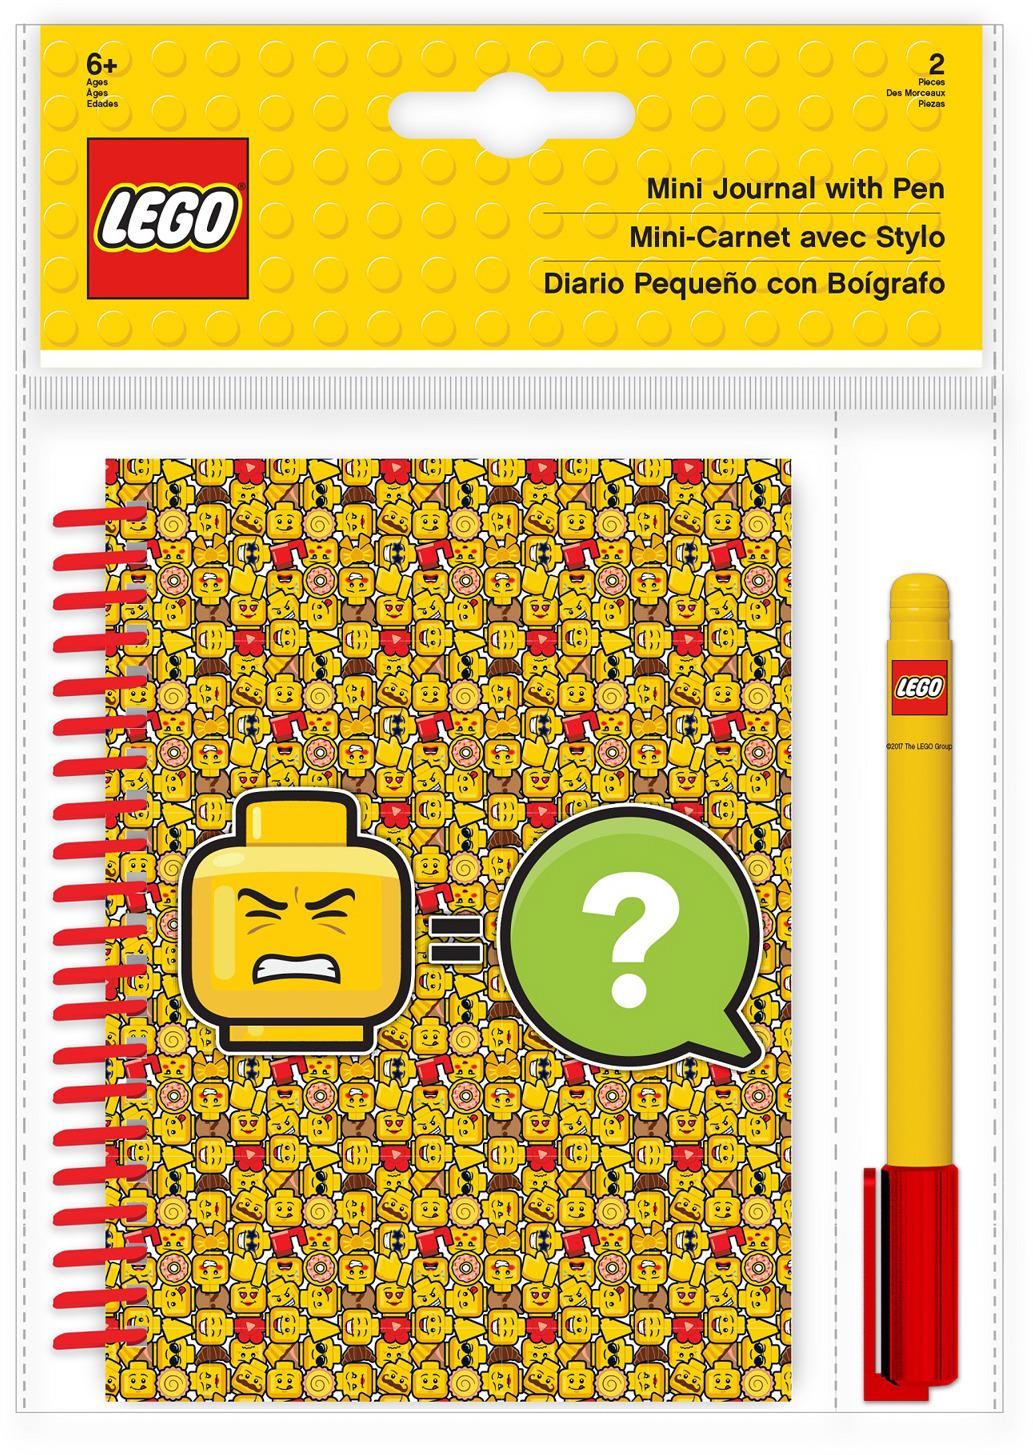 Блокнот LEGO Iconic, с ручкой, 100 листов в линейку51144Набор состоит из блокнота на спирали (100 листов, линейка) и гелевой ручки. Блокнот можно использовать в качестве ежедневника, книги для написания сочинений или важных событий.